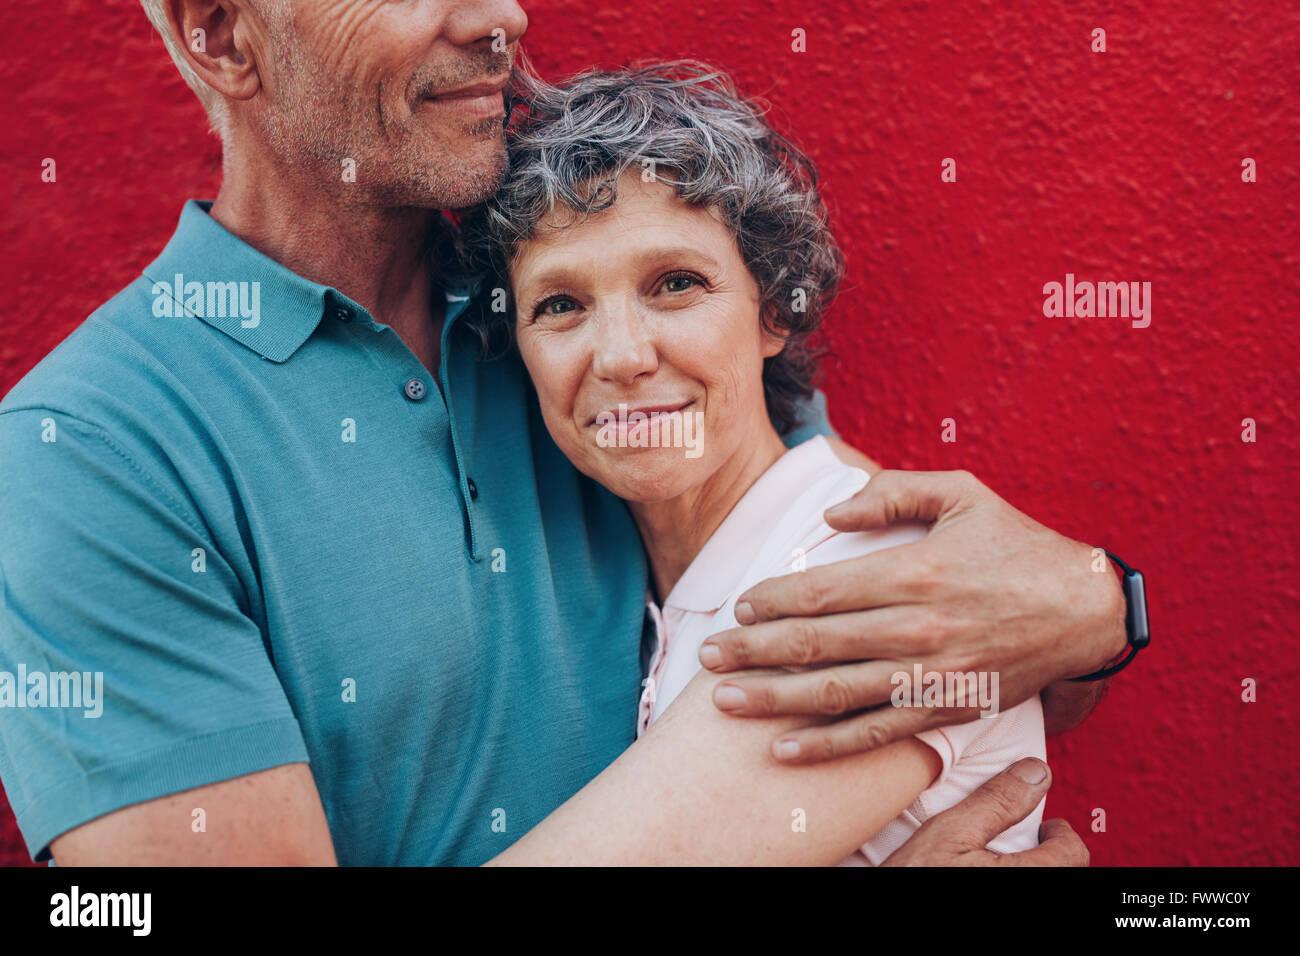 Retrato de mujer madura feliz abrazando a su marido contra el fondo rojo. Afectuoso par juntos contra el fondo rojo. Imagen De Stock